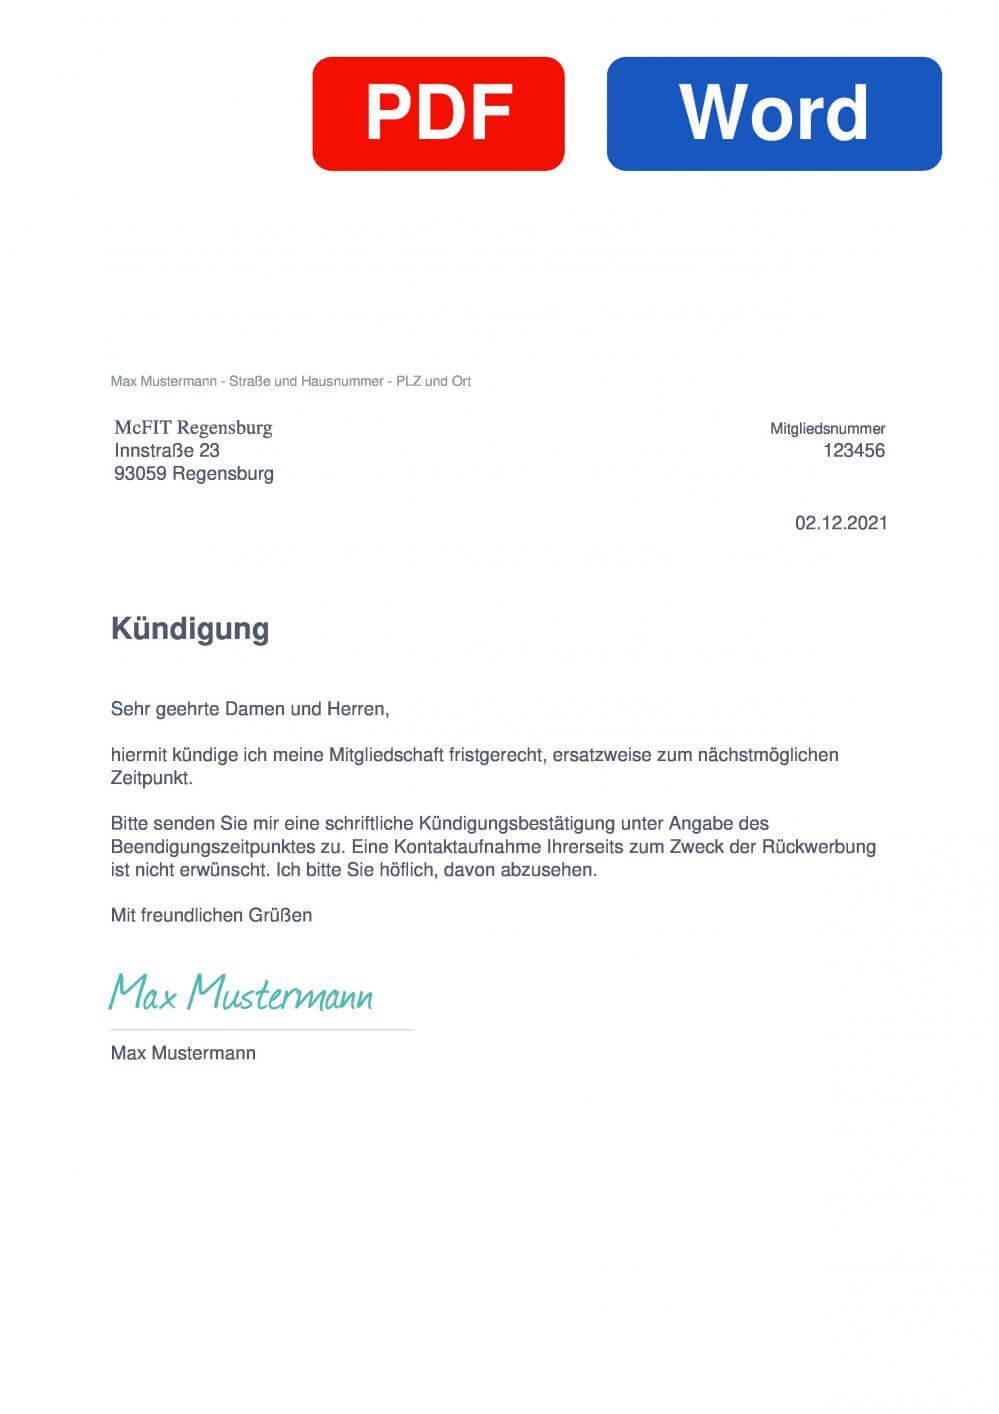 McFIT Regensburg Muster Vorlage für Kündigungsschreiben